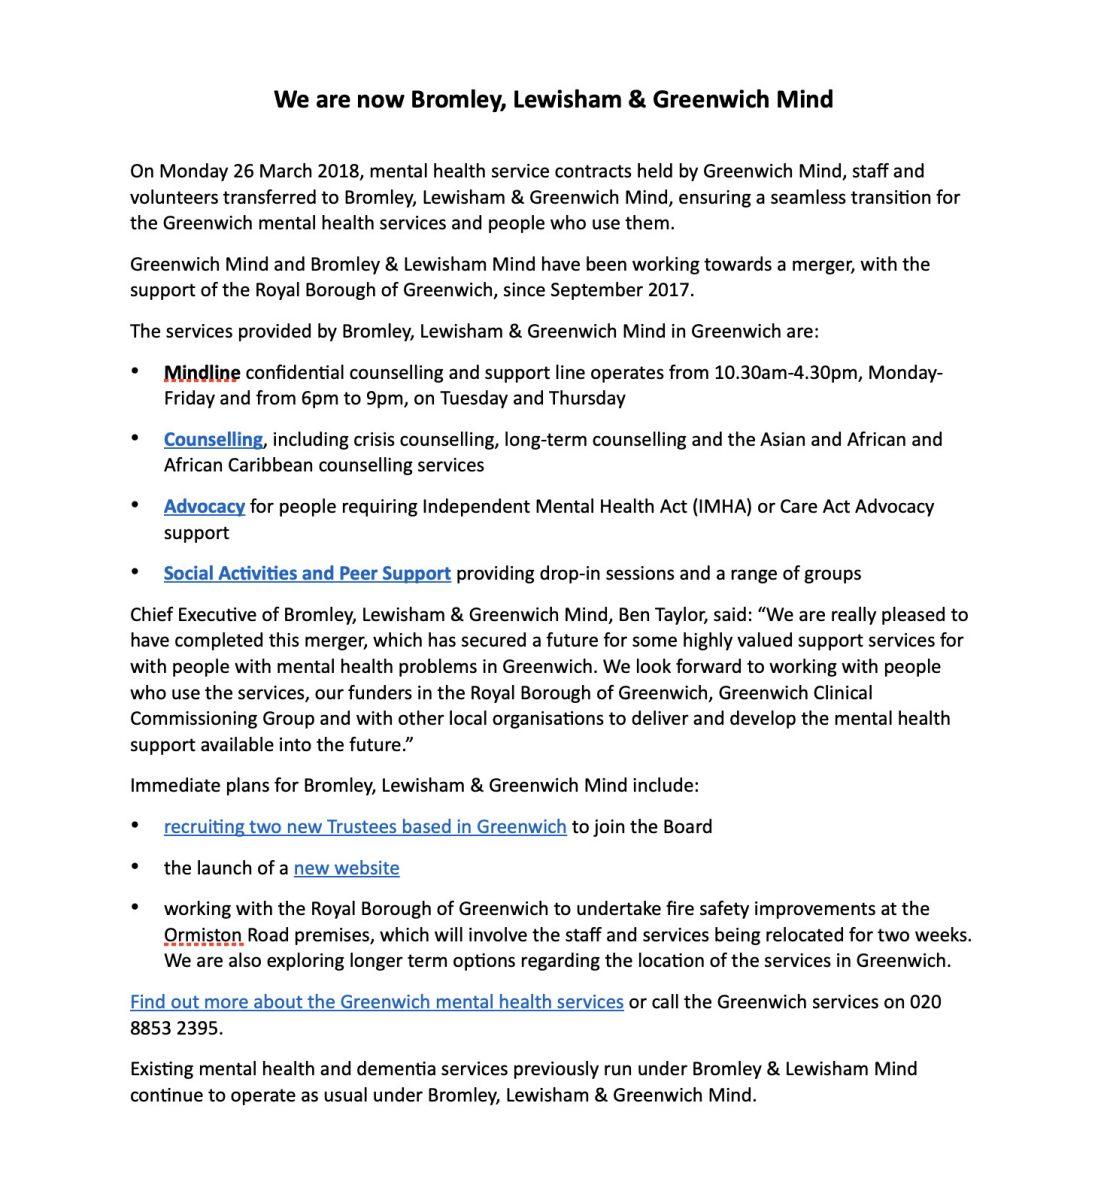 Comunicado de imprensa da formação da mente BLG